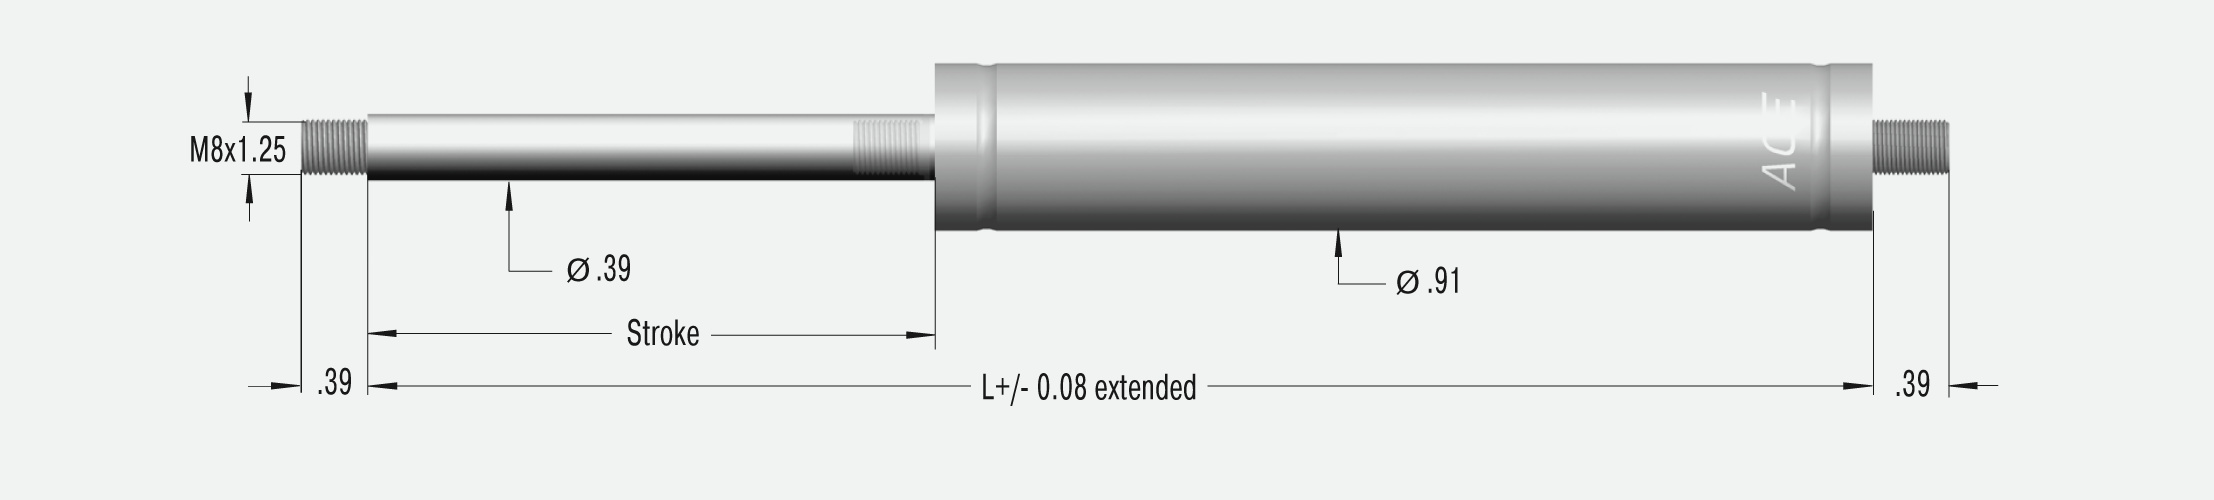 GS-22-300-V4A